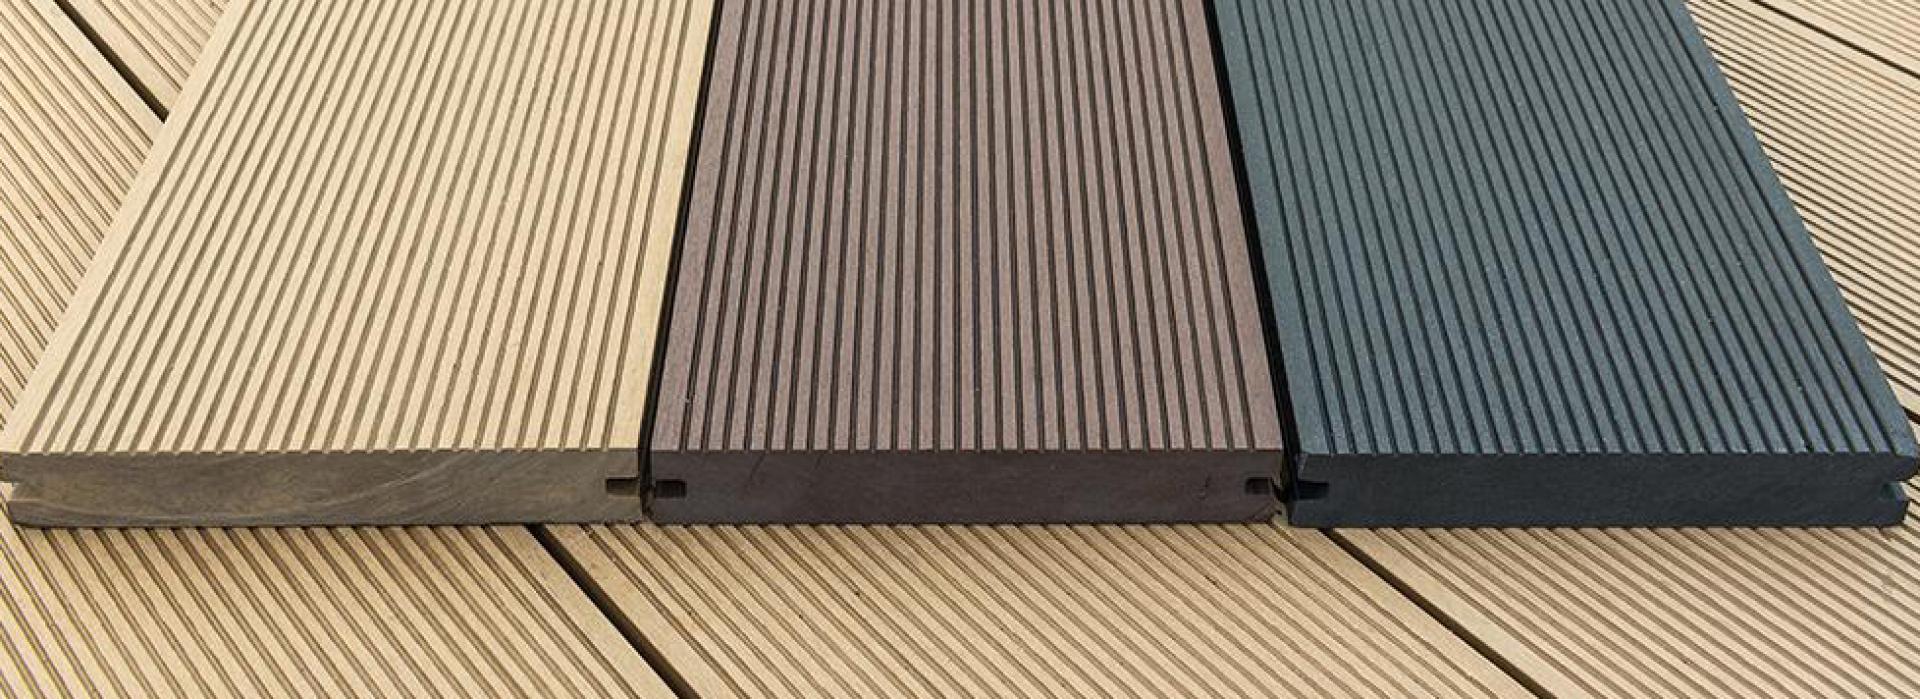 Tecnologias limpas na engenharia e arquitetura engeduca for Non wood decking material